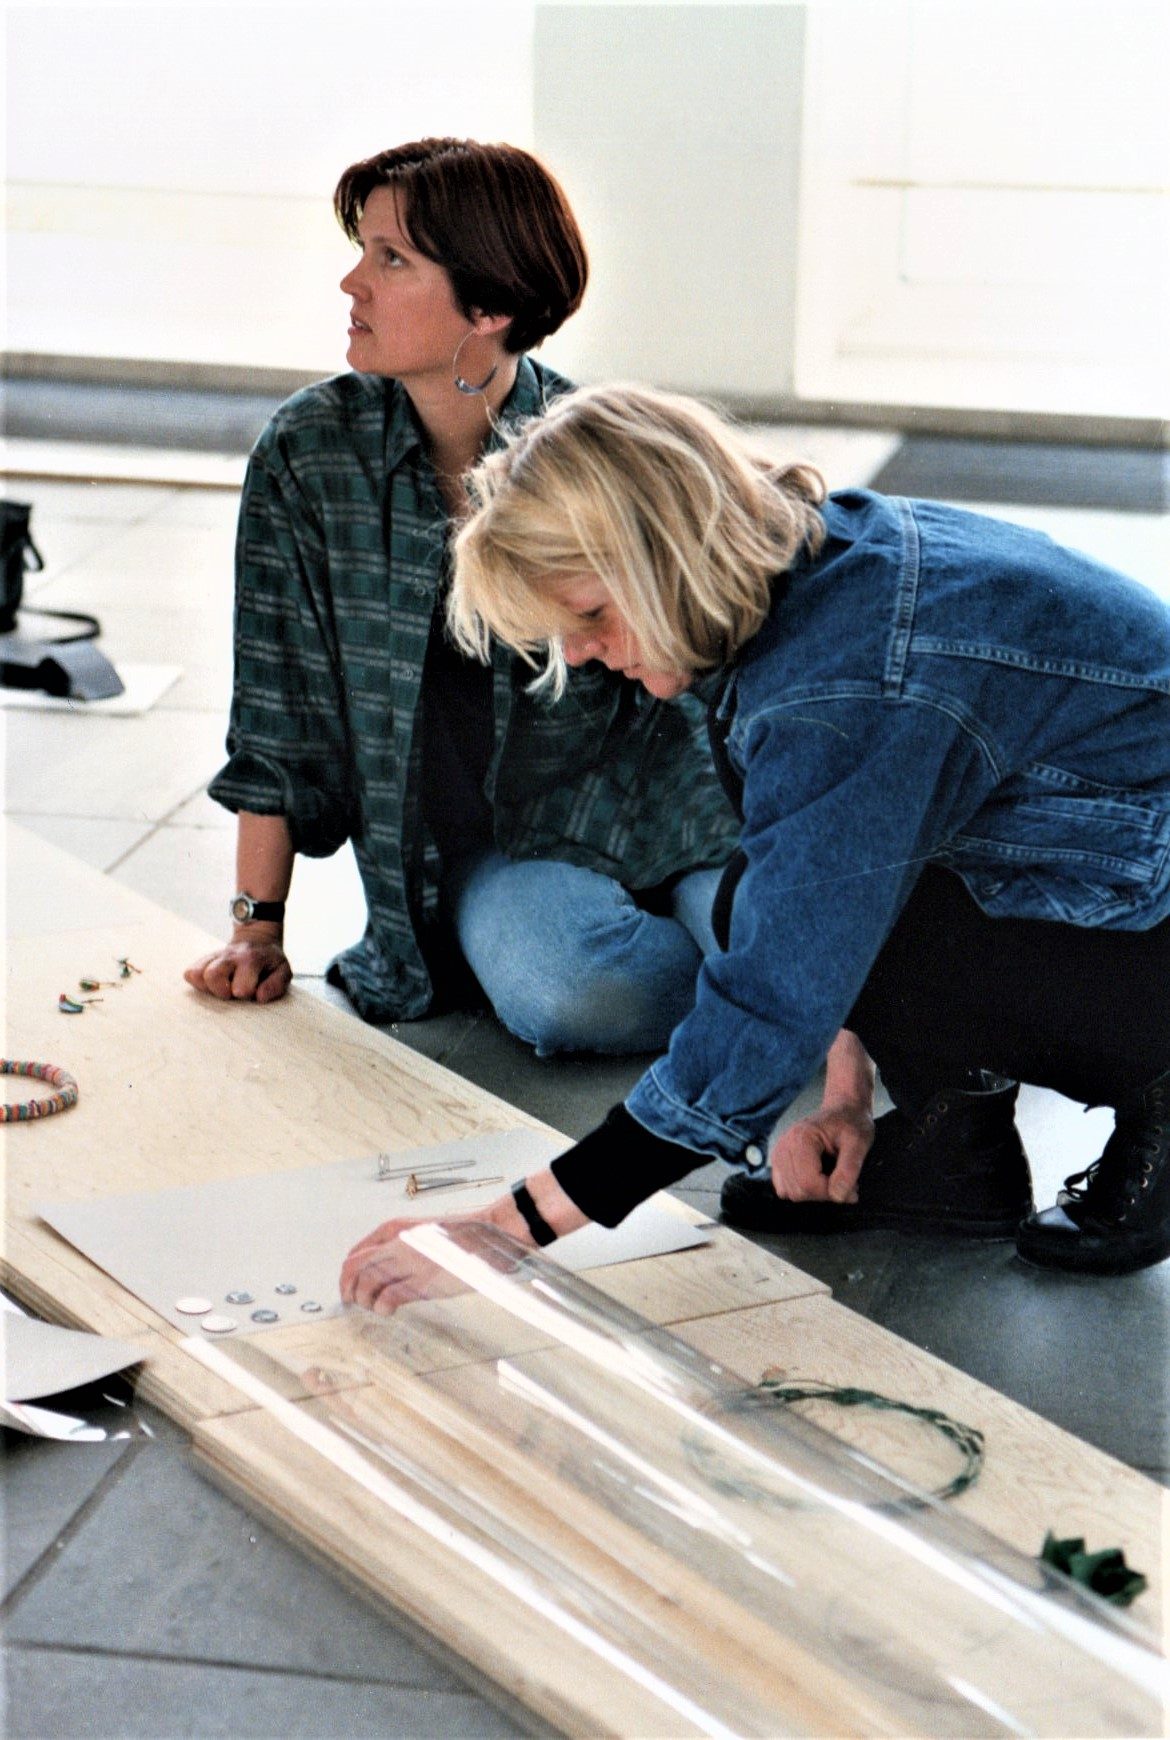 Inrichting View Review, Stedelijk Museum, 1991. Suzanne Esser en Charlotte van der Waals. Foto Lous Martin